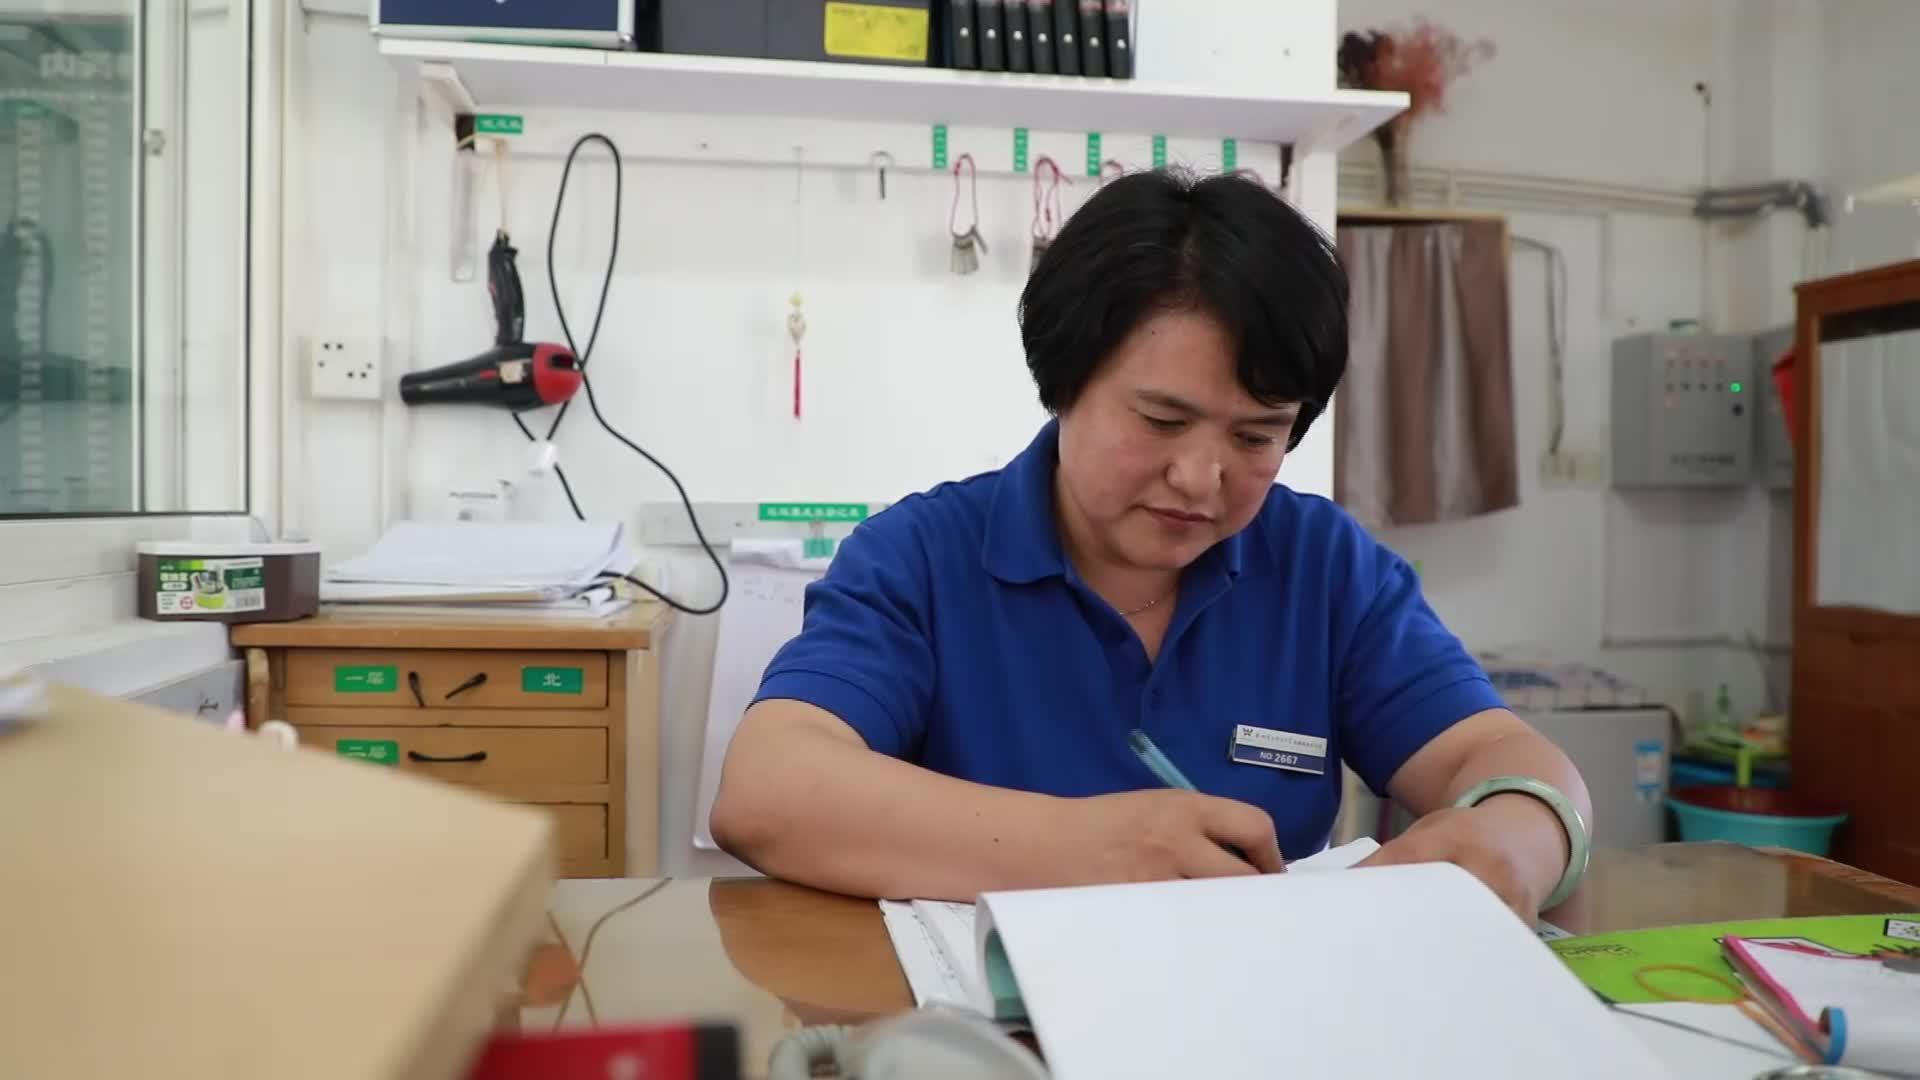 小学学历6年写6部小说 杭州高校宿管阿姨说梦想谁都可以有